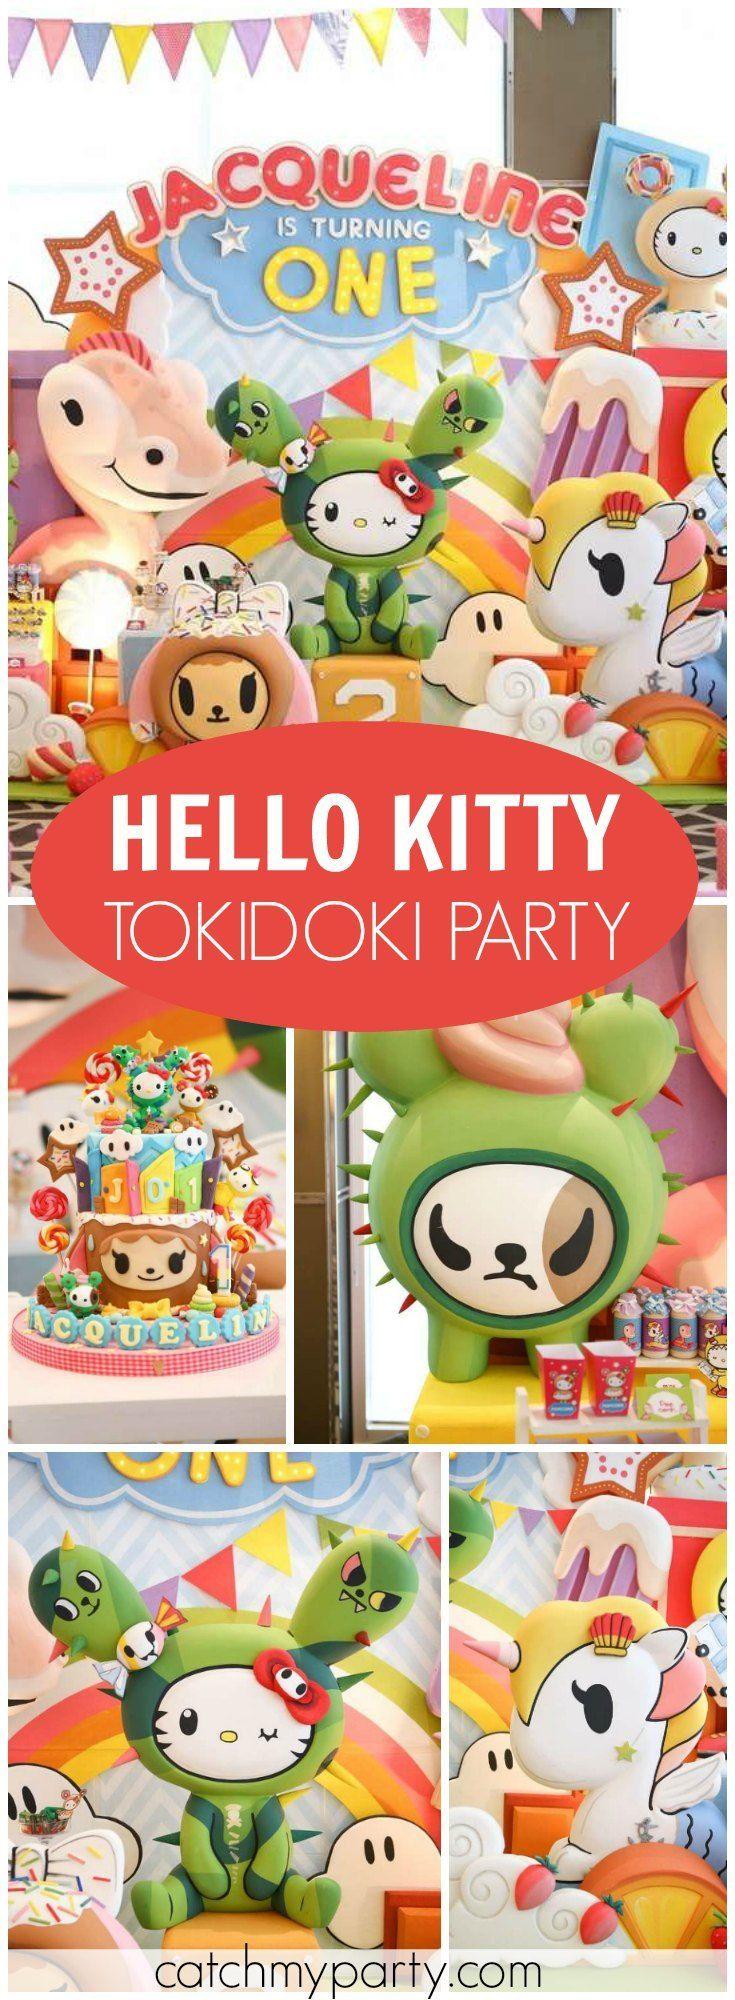 Hello kitty scrapbook ideas - Hello Kitty Birthday Its Tokidoki Time